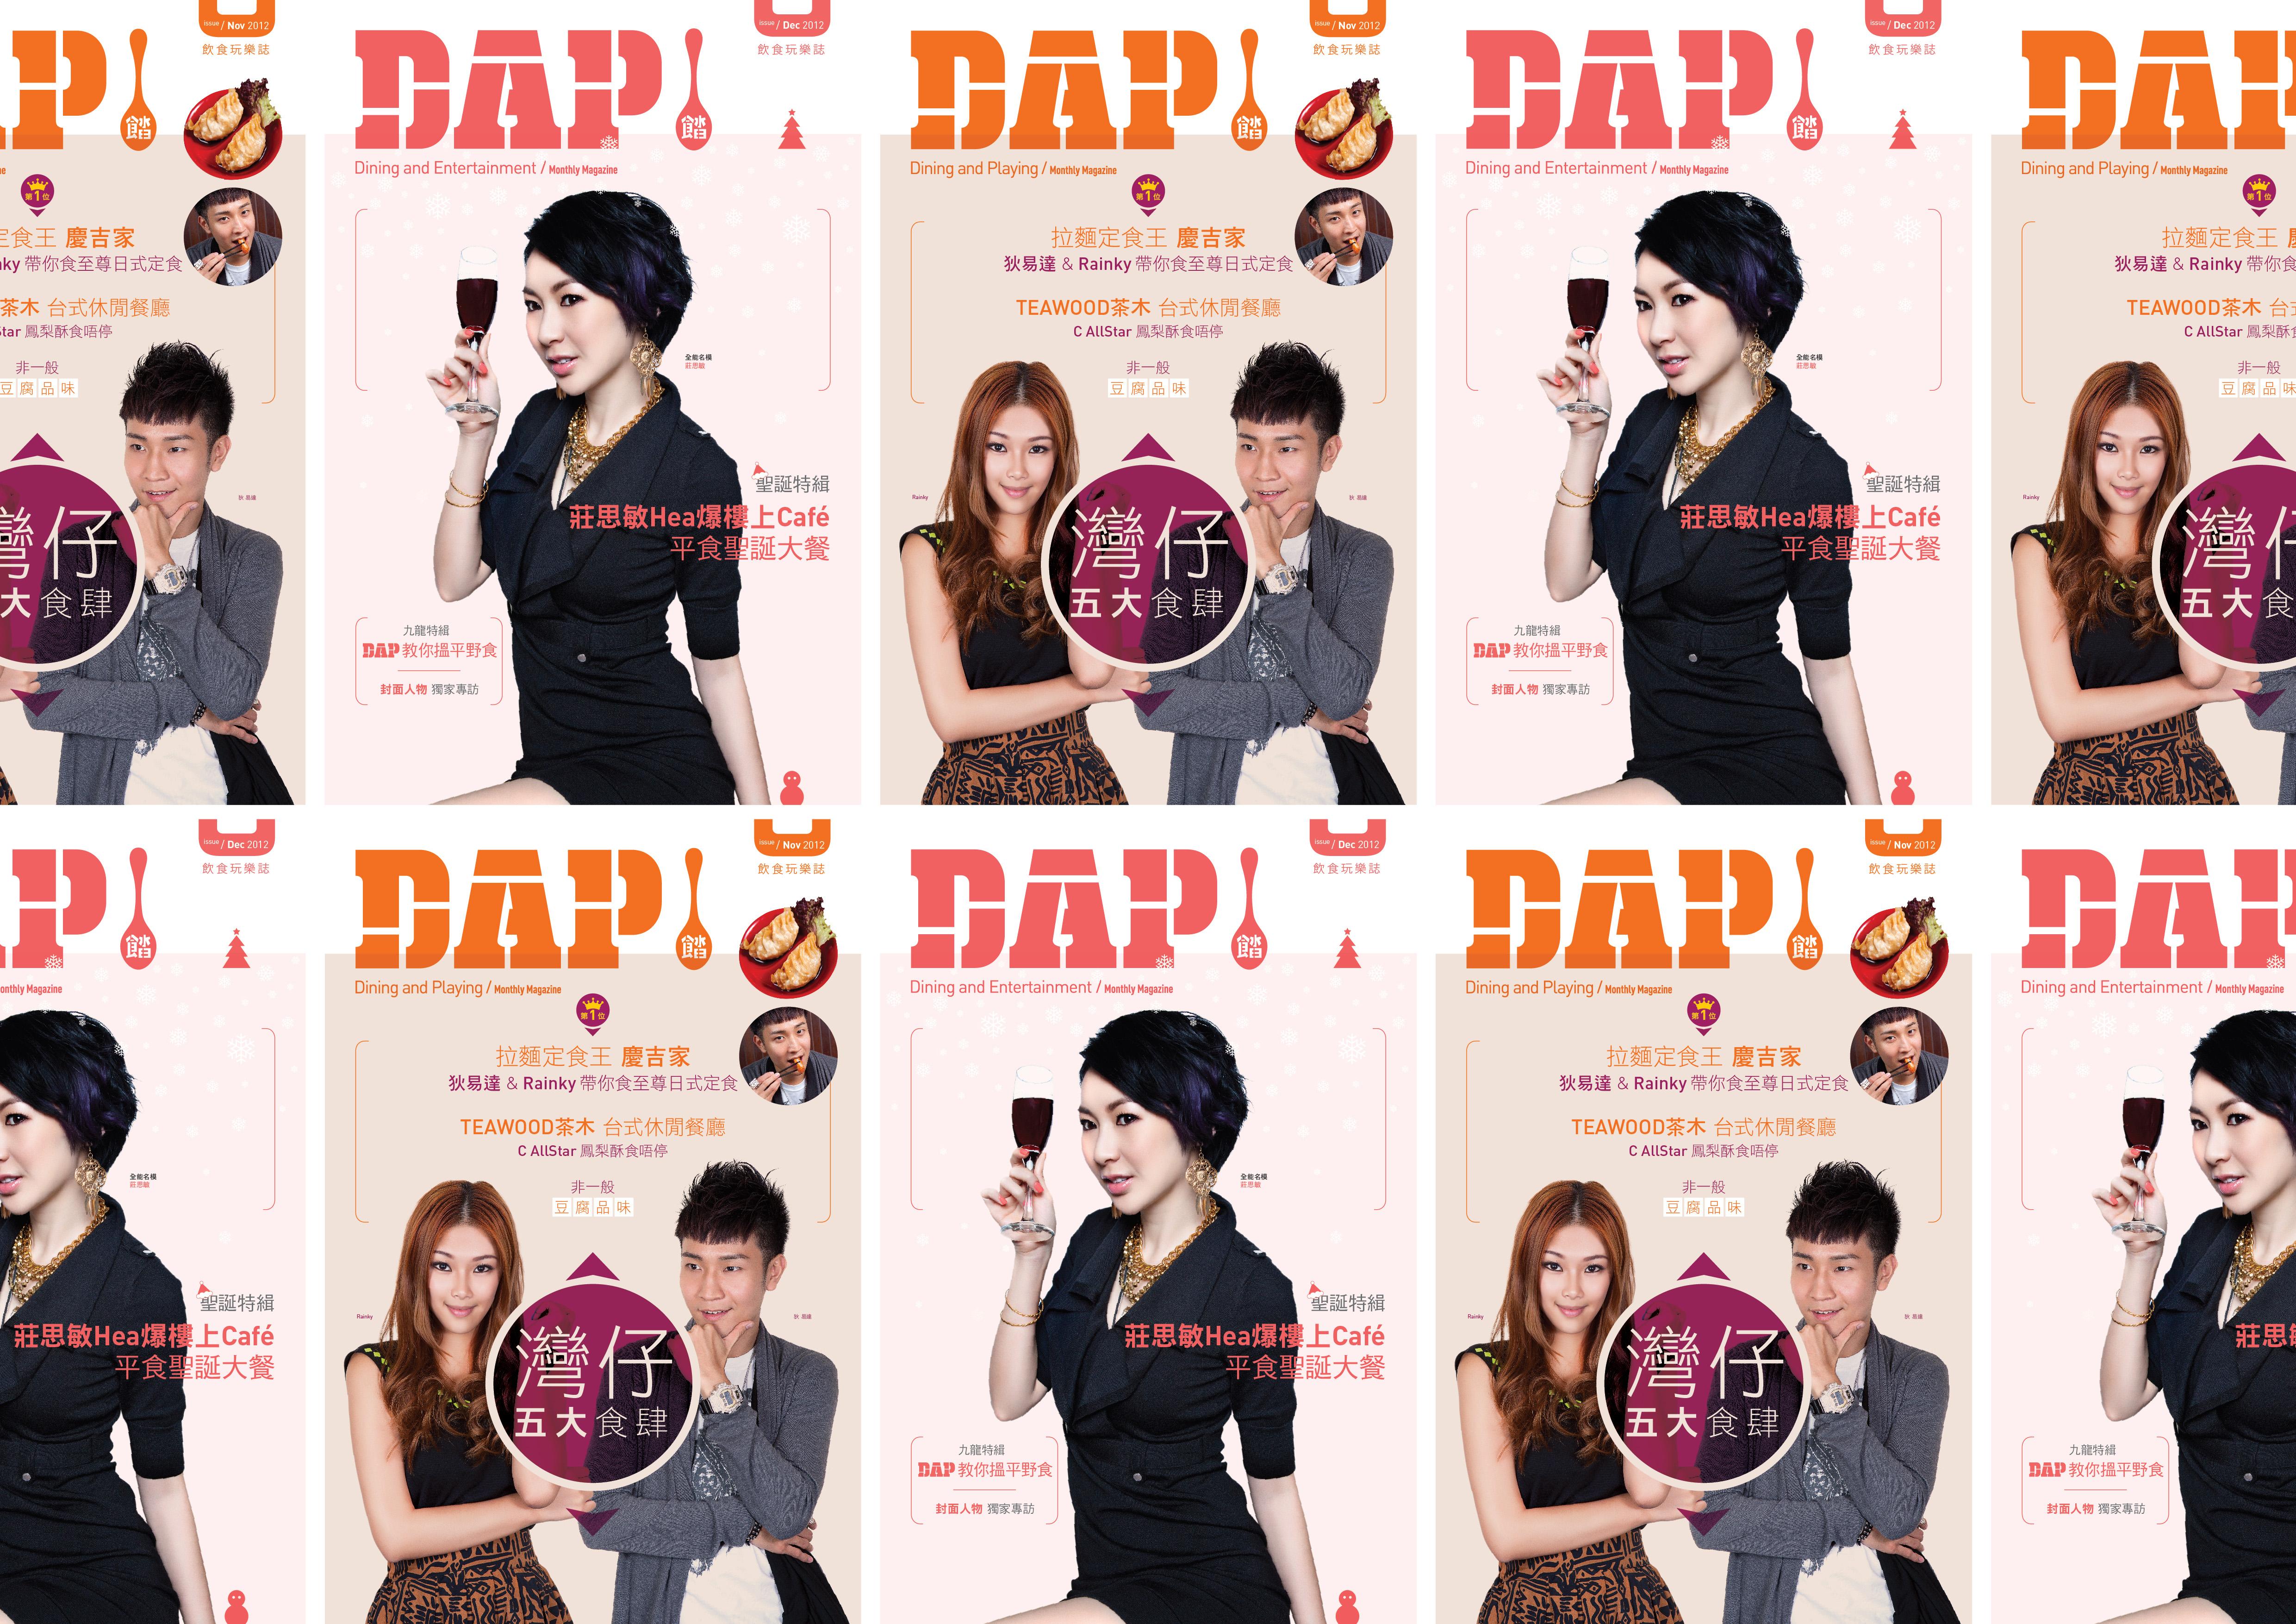 HK_陳維_DAP-11.jpg